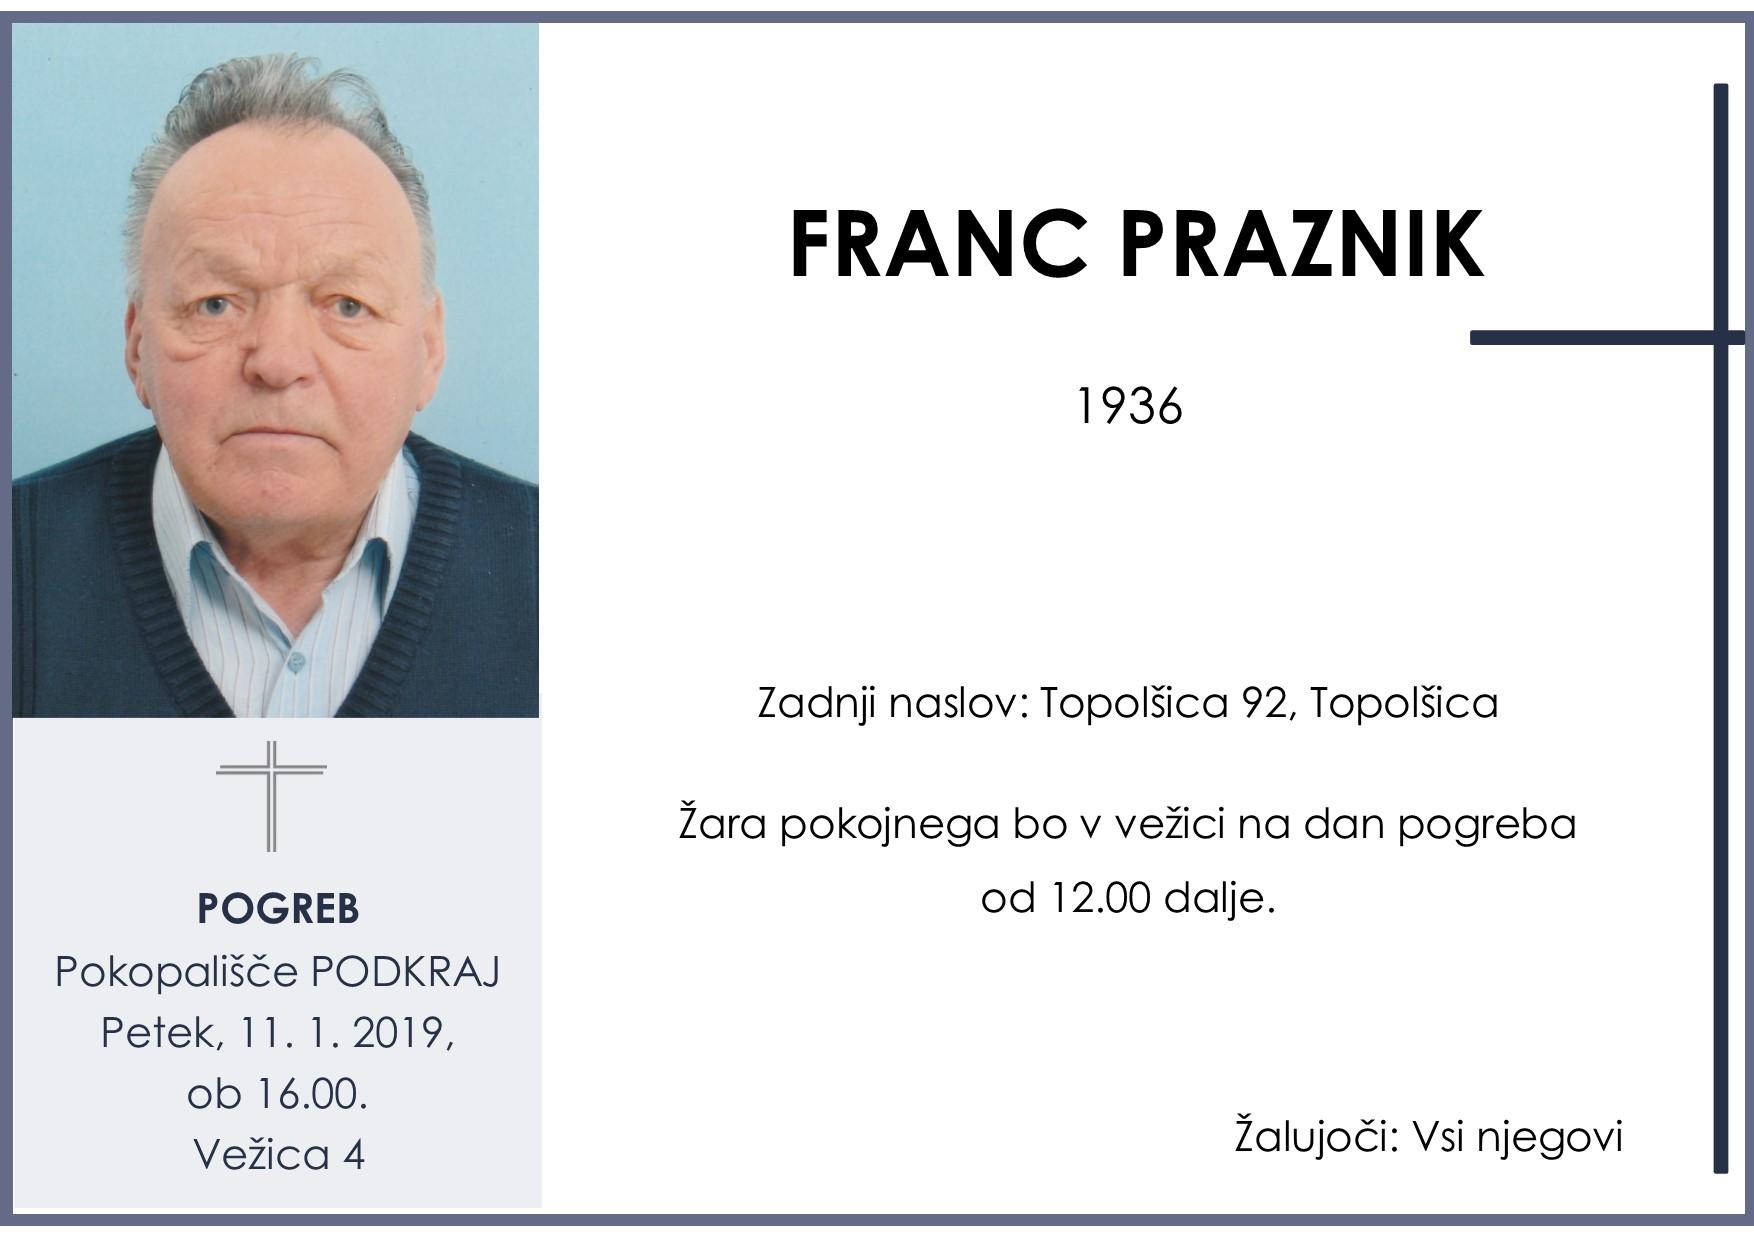 FRANC PRAZNIK, Podkraj, 11. 01. 2019